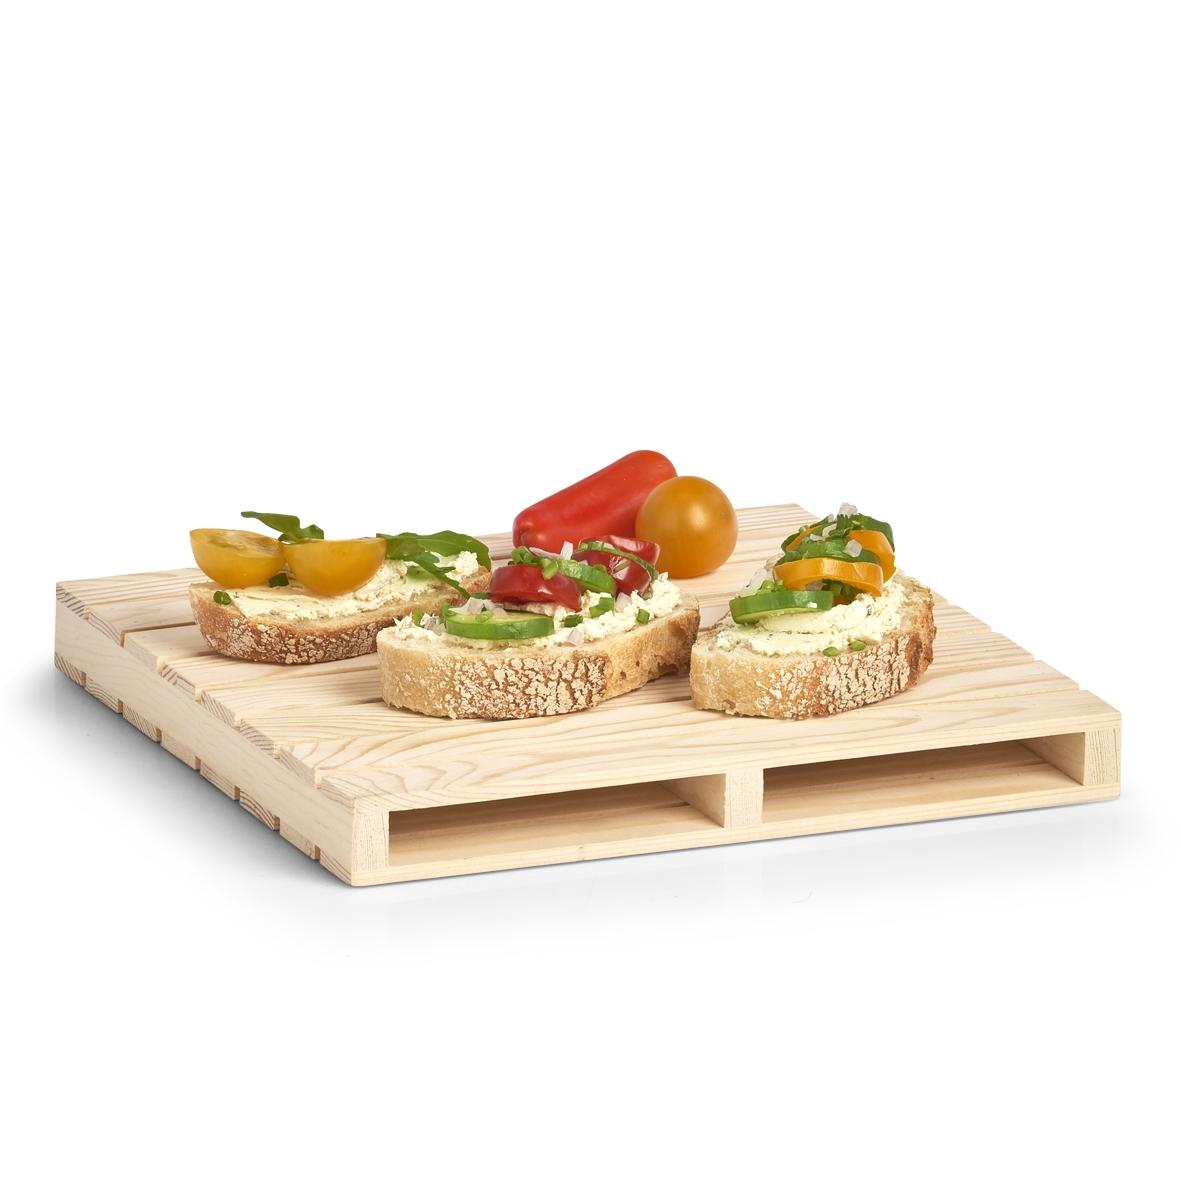 Platou de servire din lemn de pin Palette Natural, L24xl24xH2,5 cm imagine